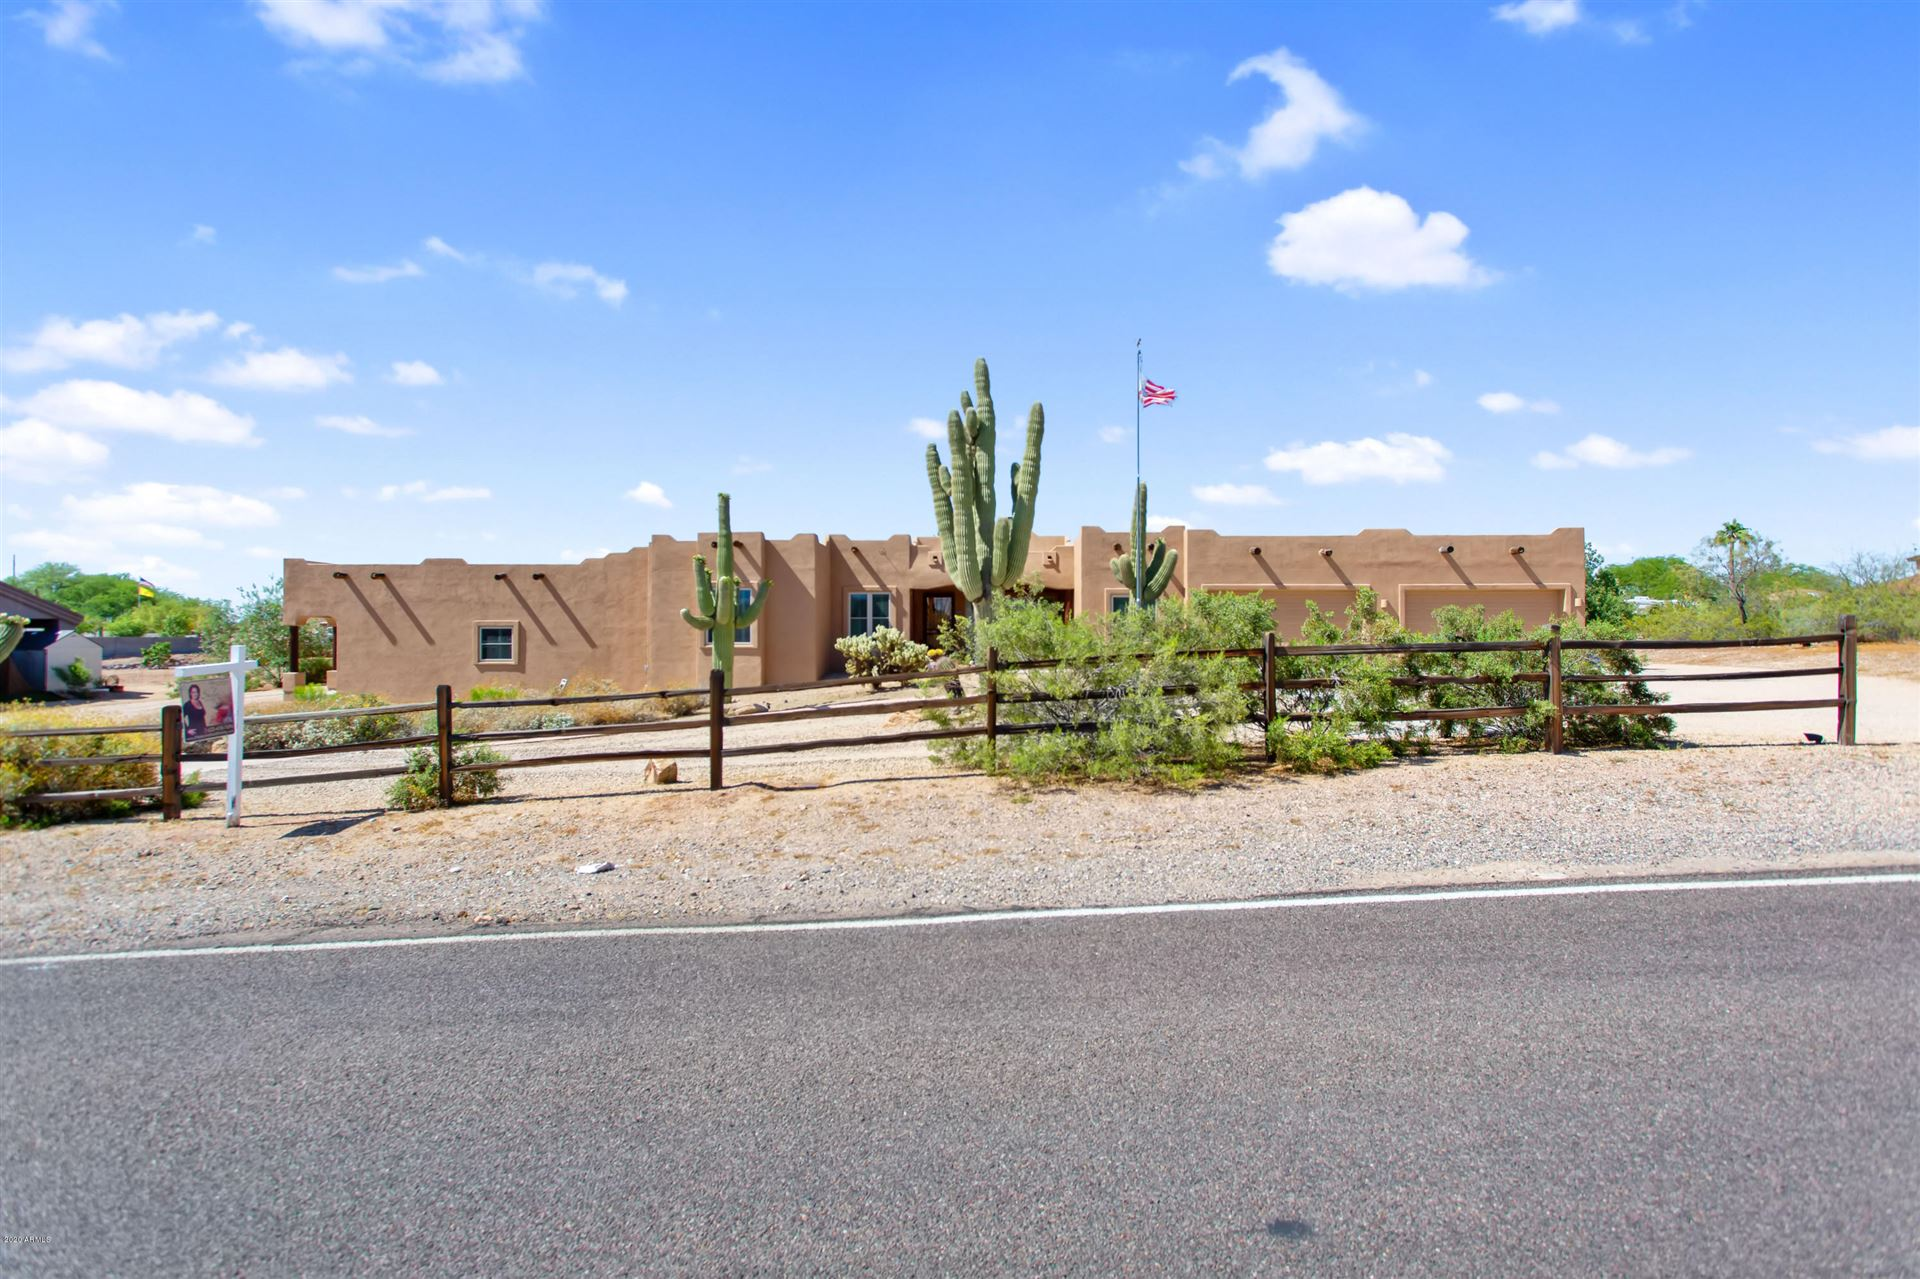 3330 W PINNACLE VISTA Drive, Phoenix, AZ 85083 - MLS#: 6070915